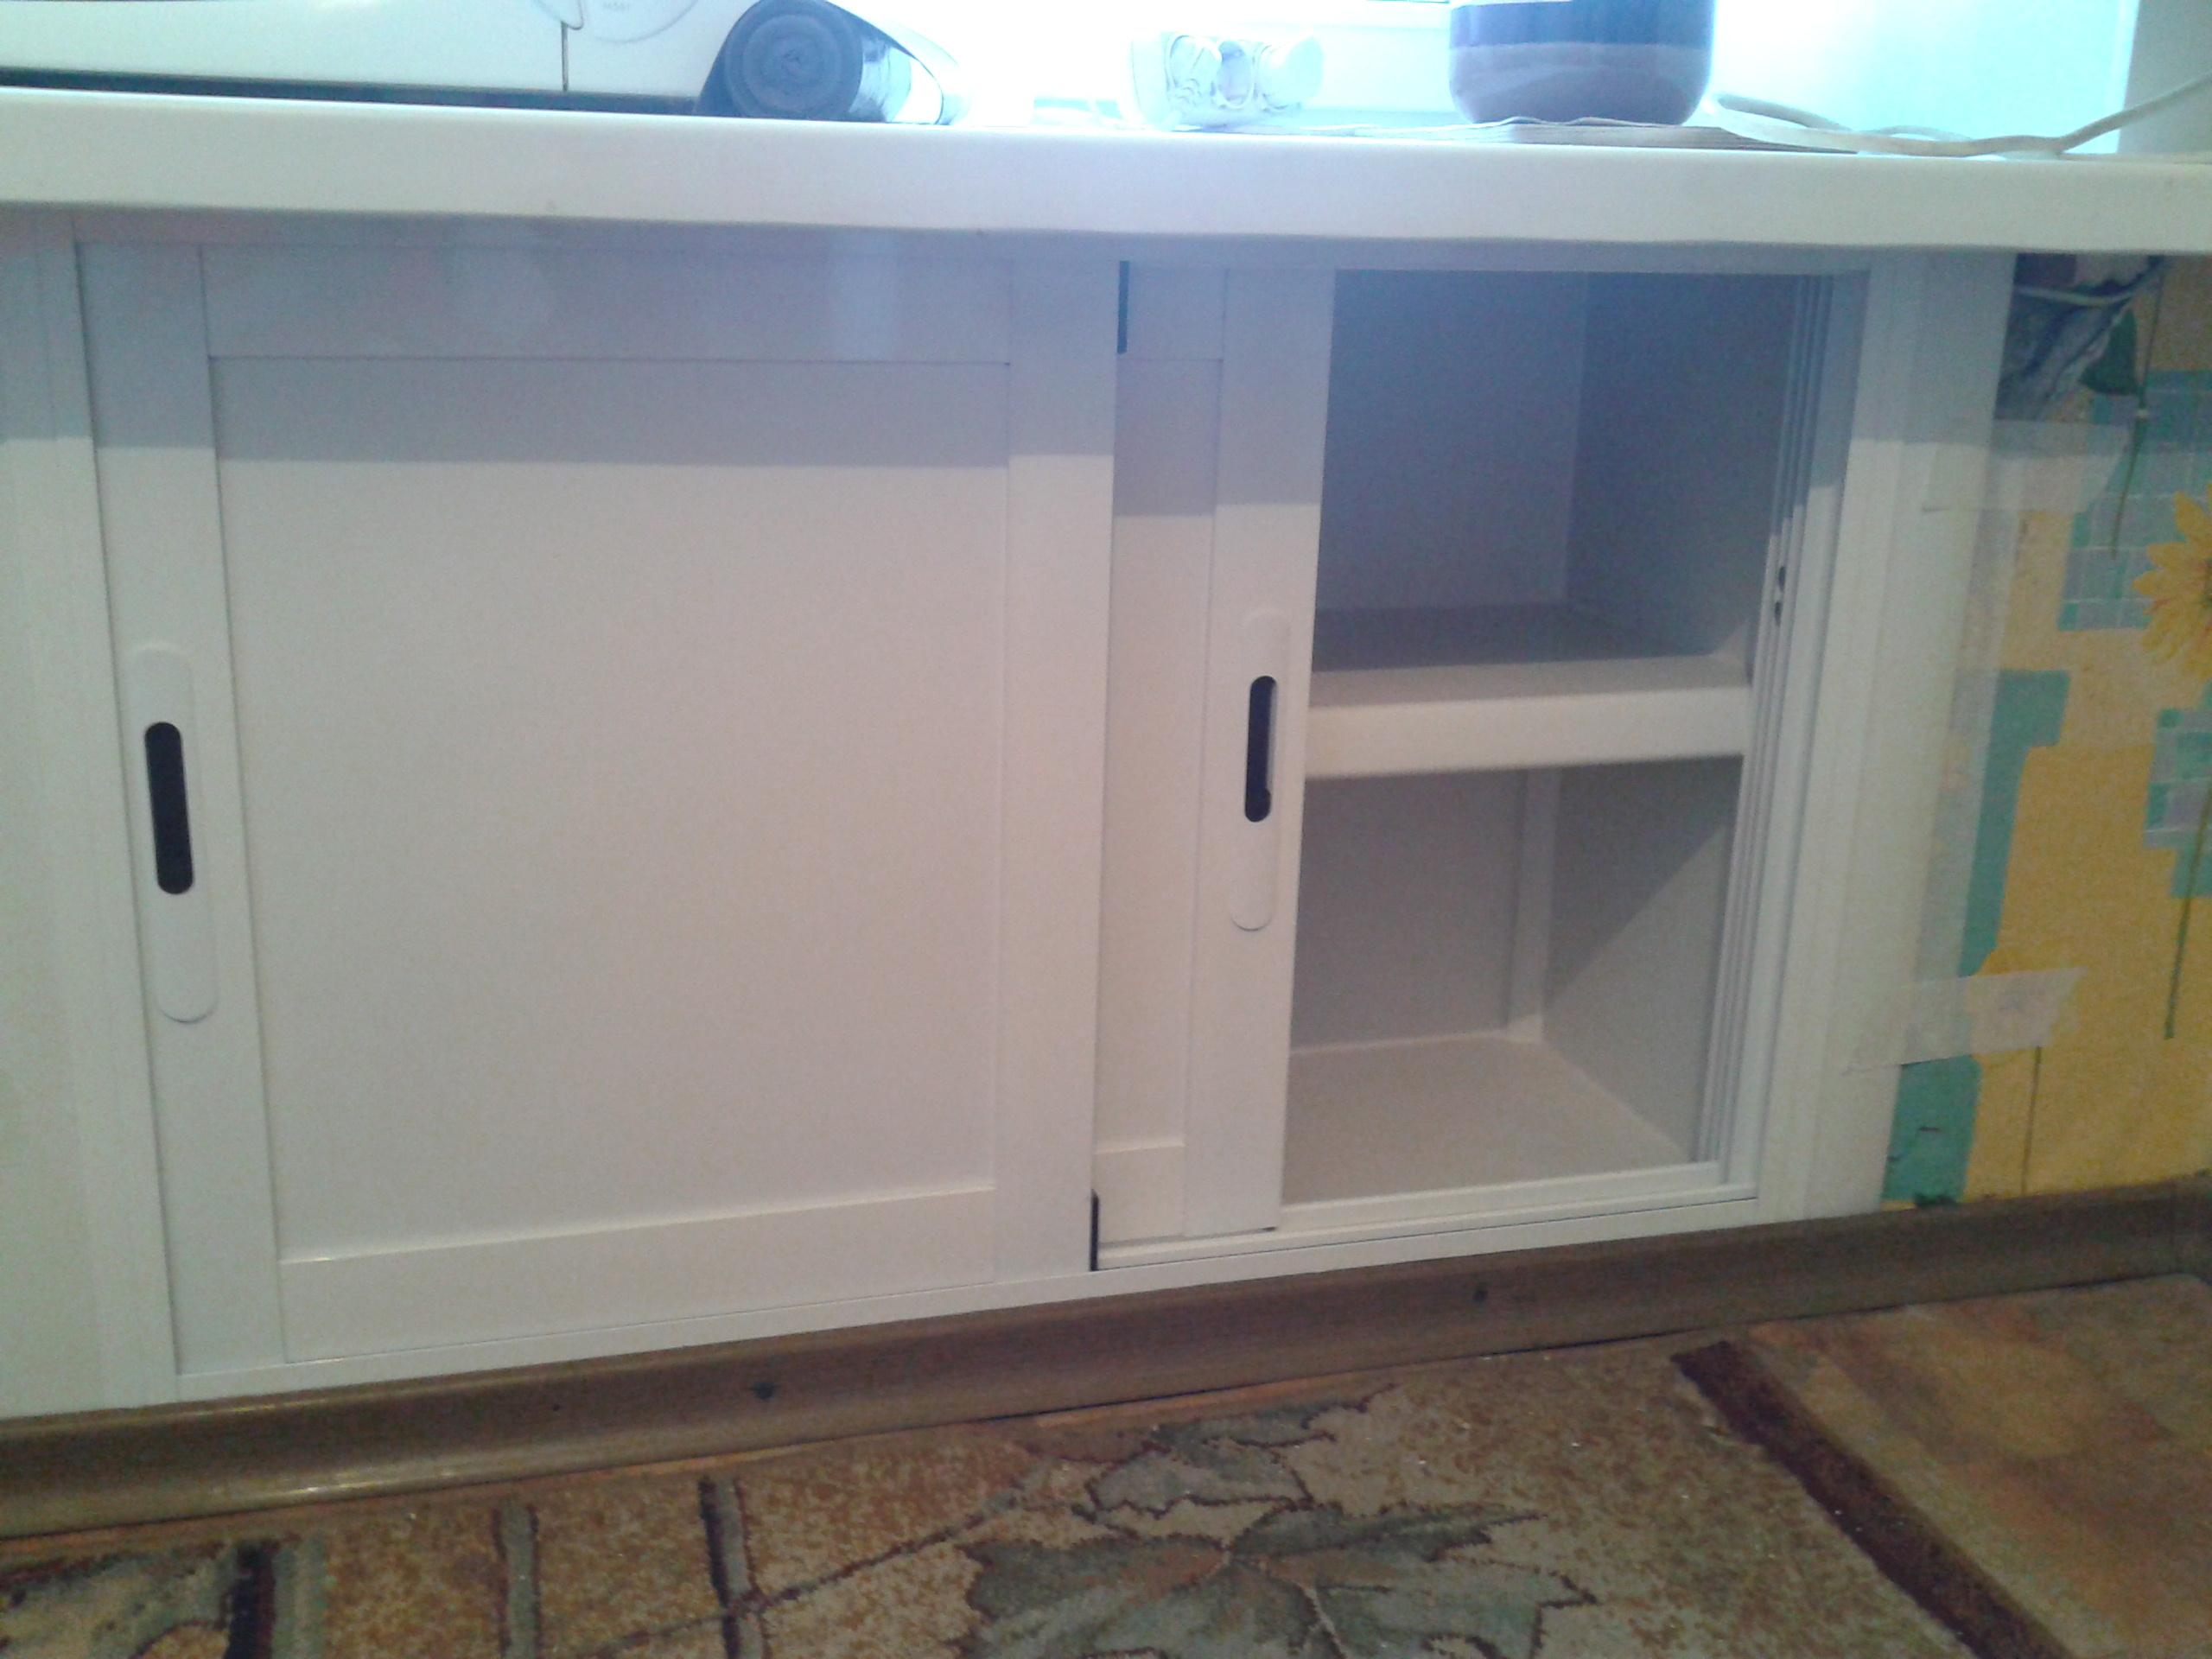 Как сделать холодильник на балконе своими руками: фото, видео 92